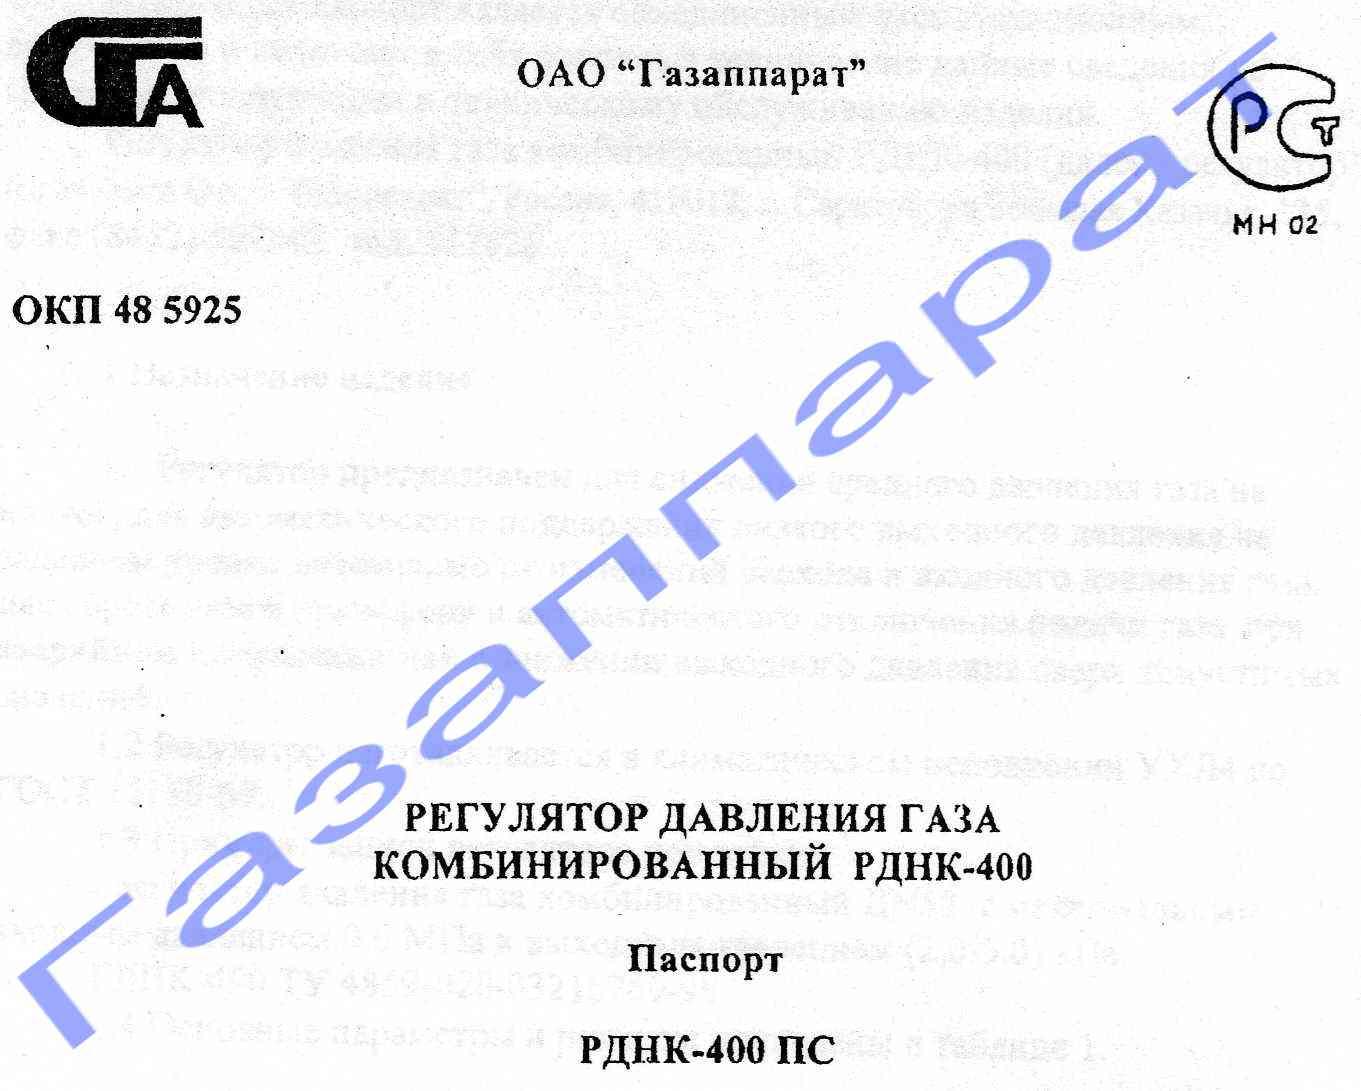 паспорт на грпш с рднк-400